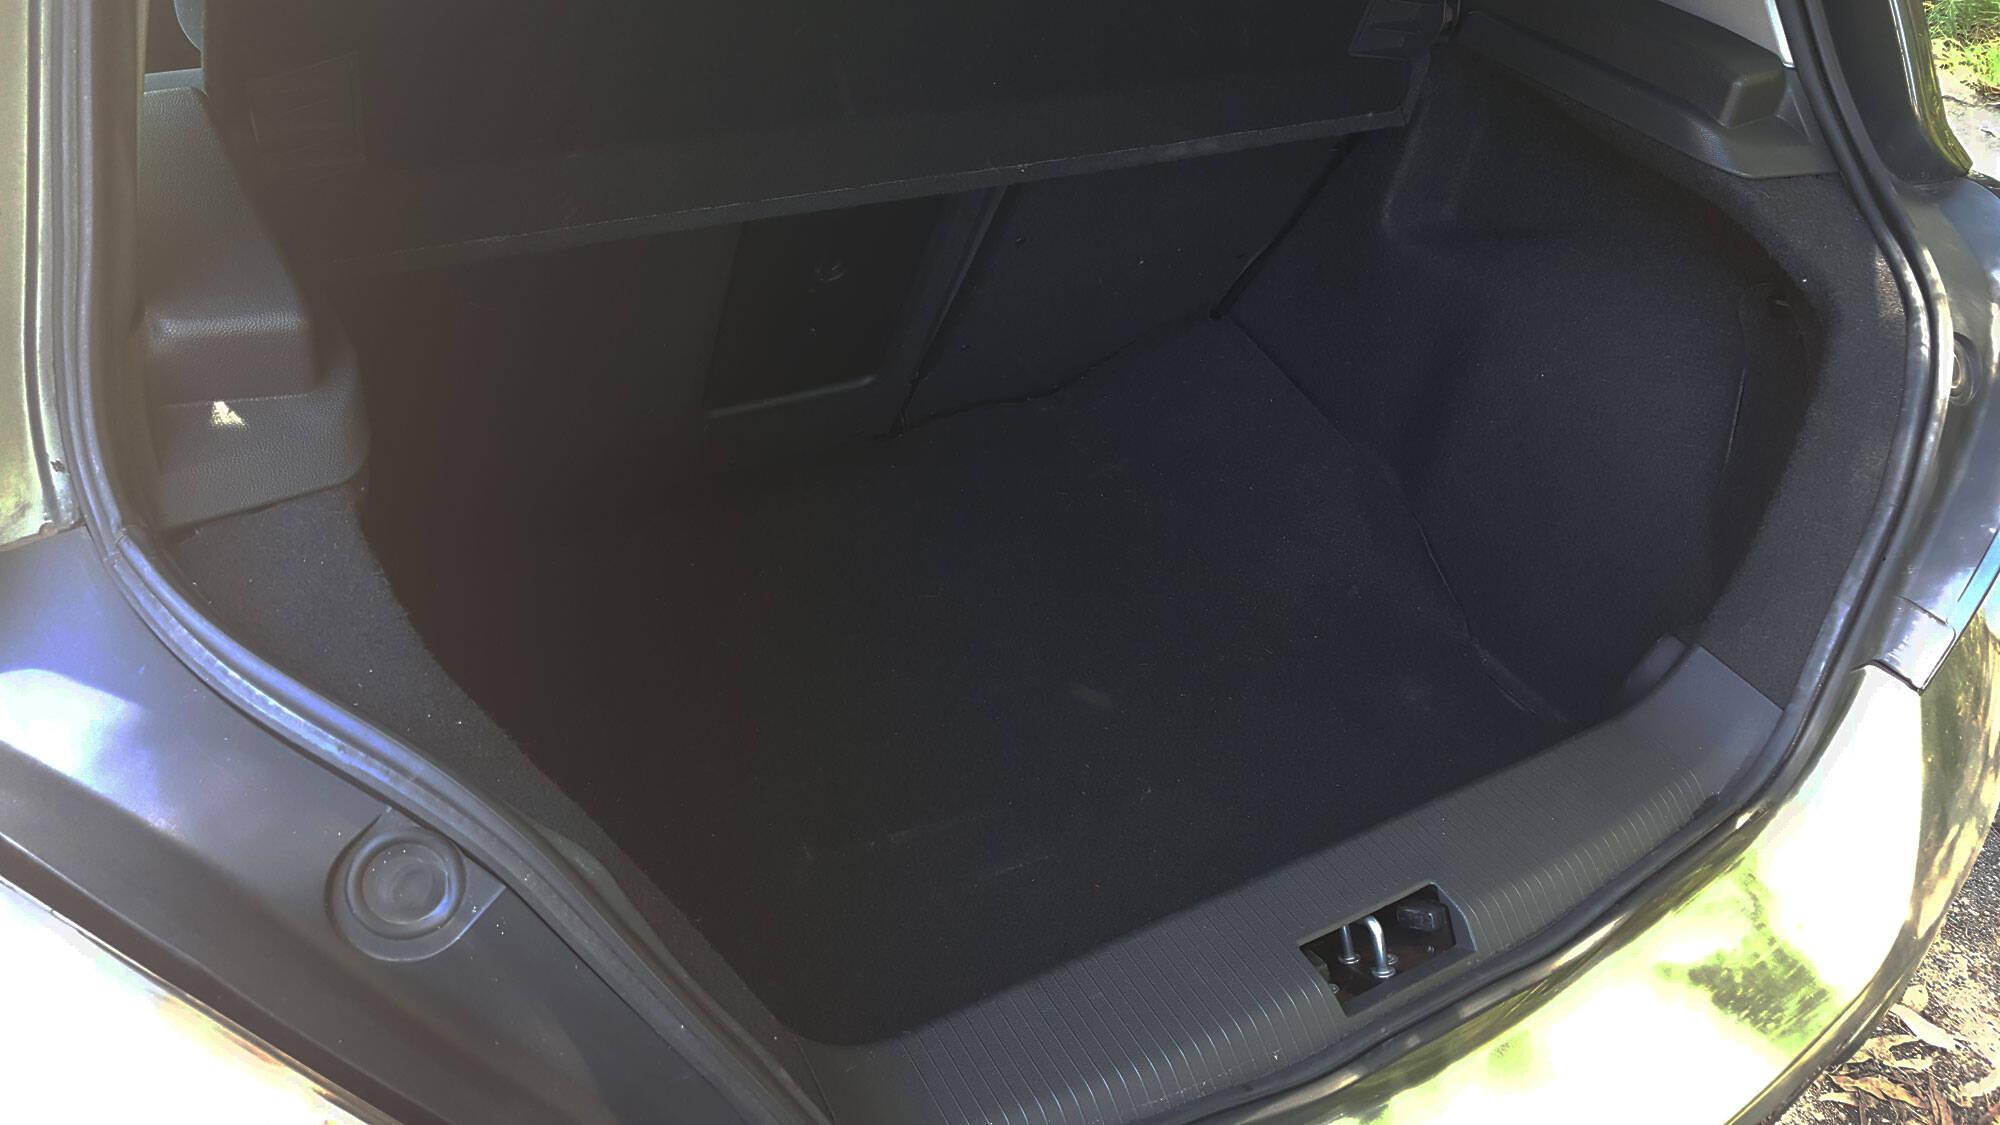 Porta-malas do Vectra GT. Foto: Divulgação